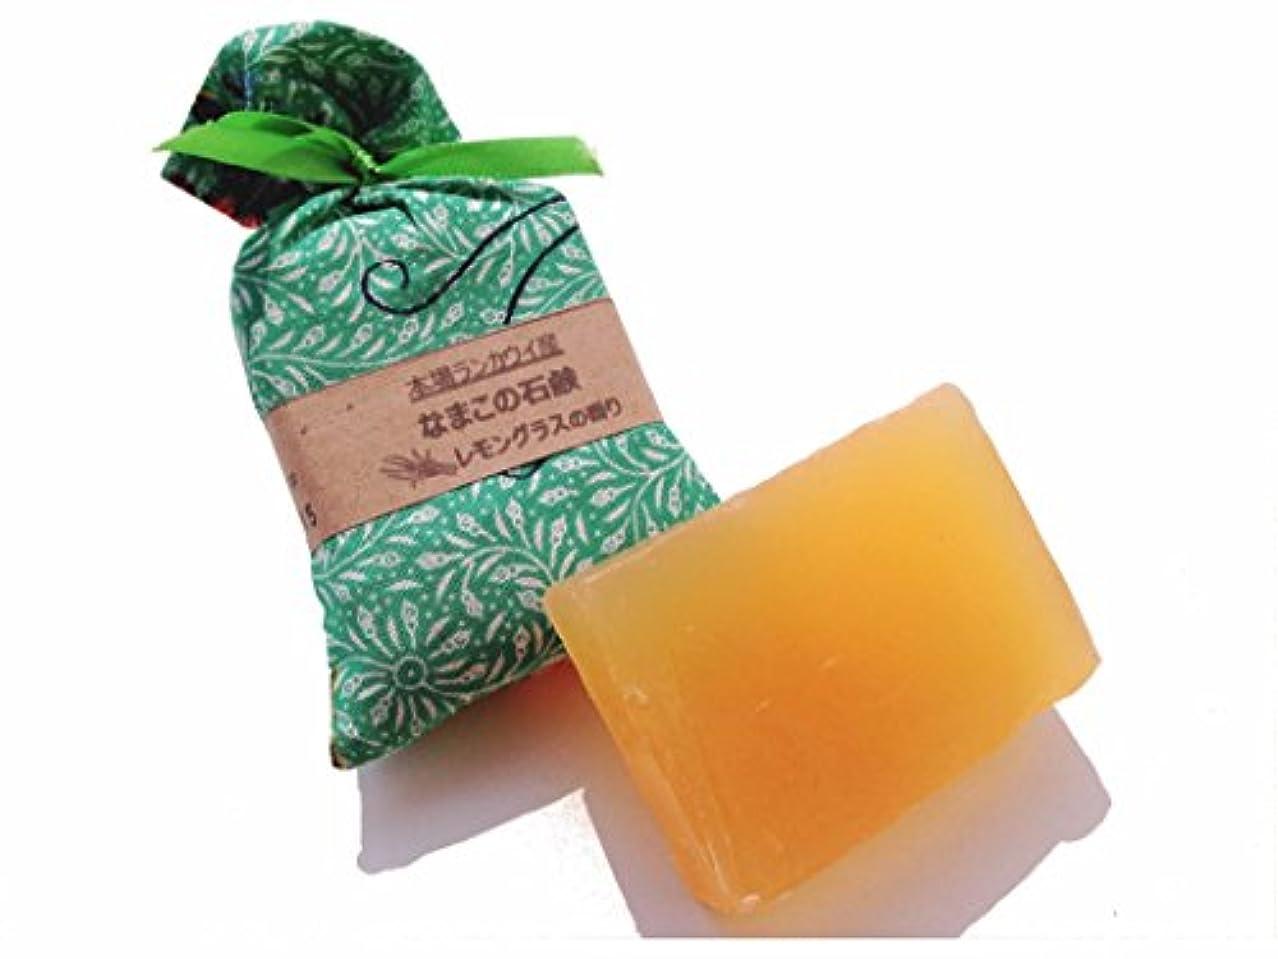 移植クランプ栄養なまこ石鹸 (ランカウイの休日 レモングラス)